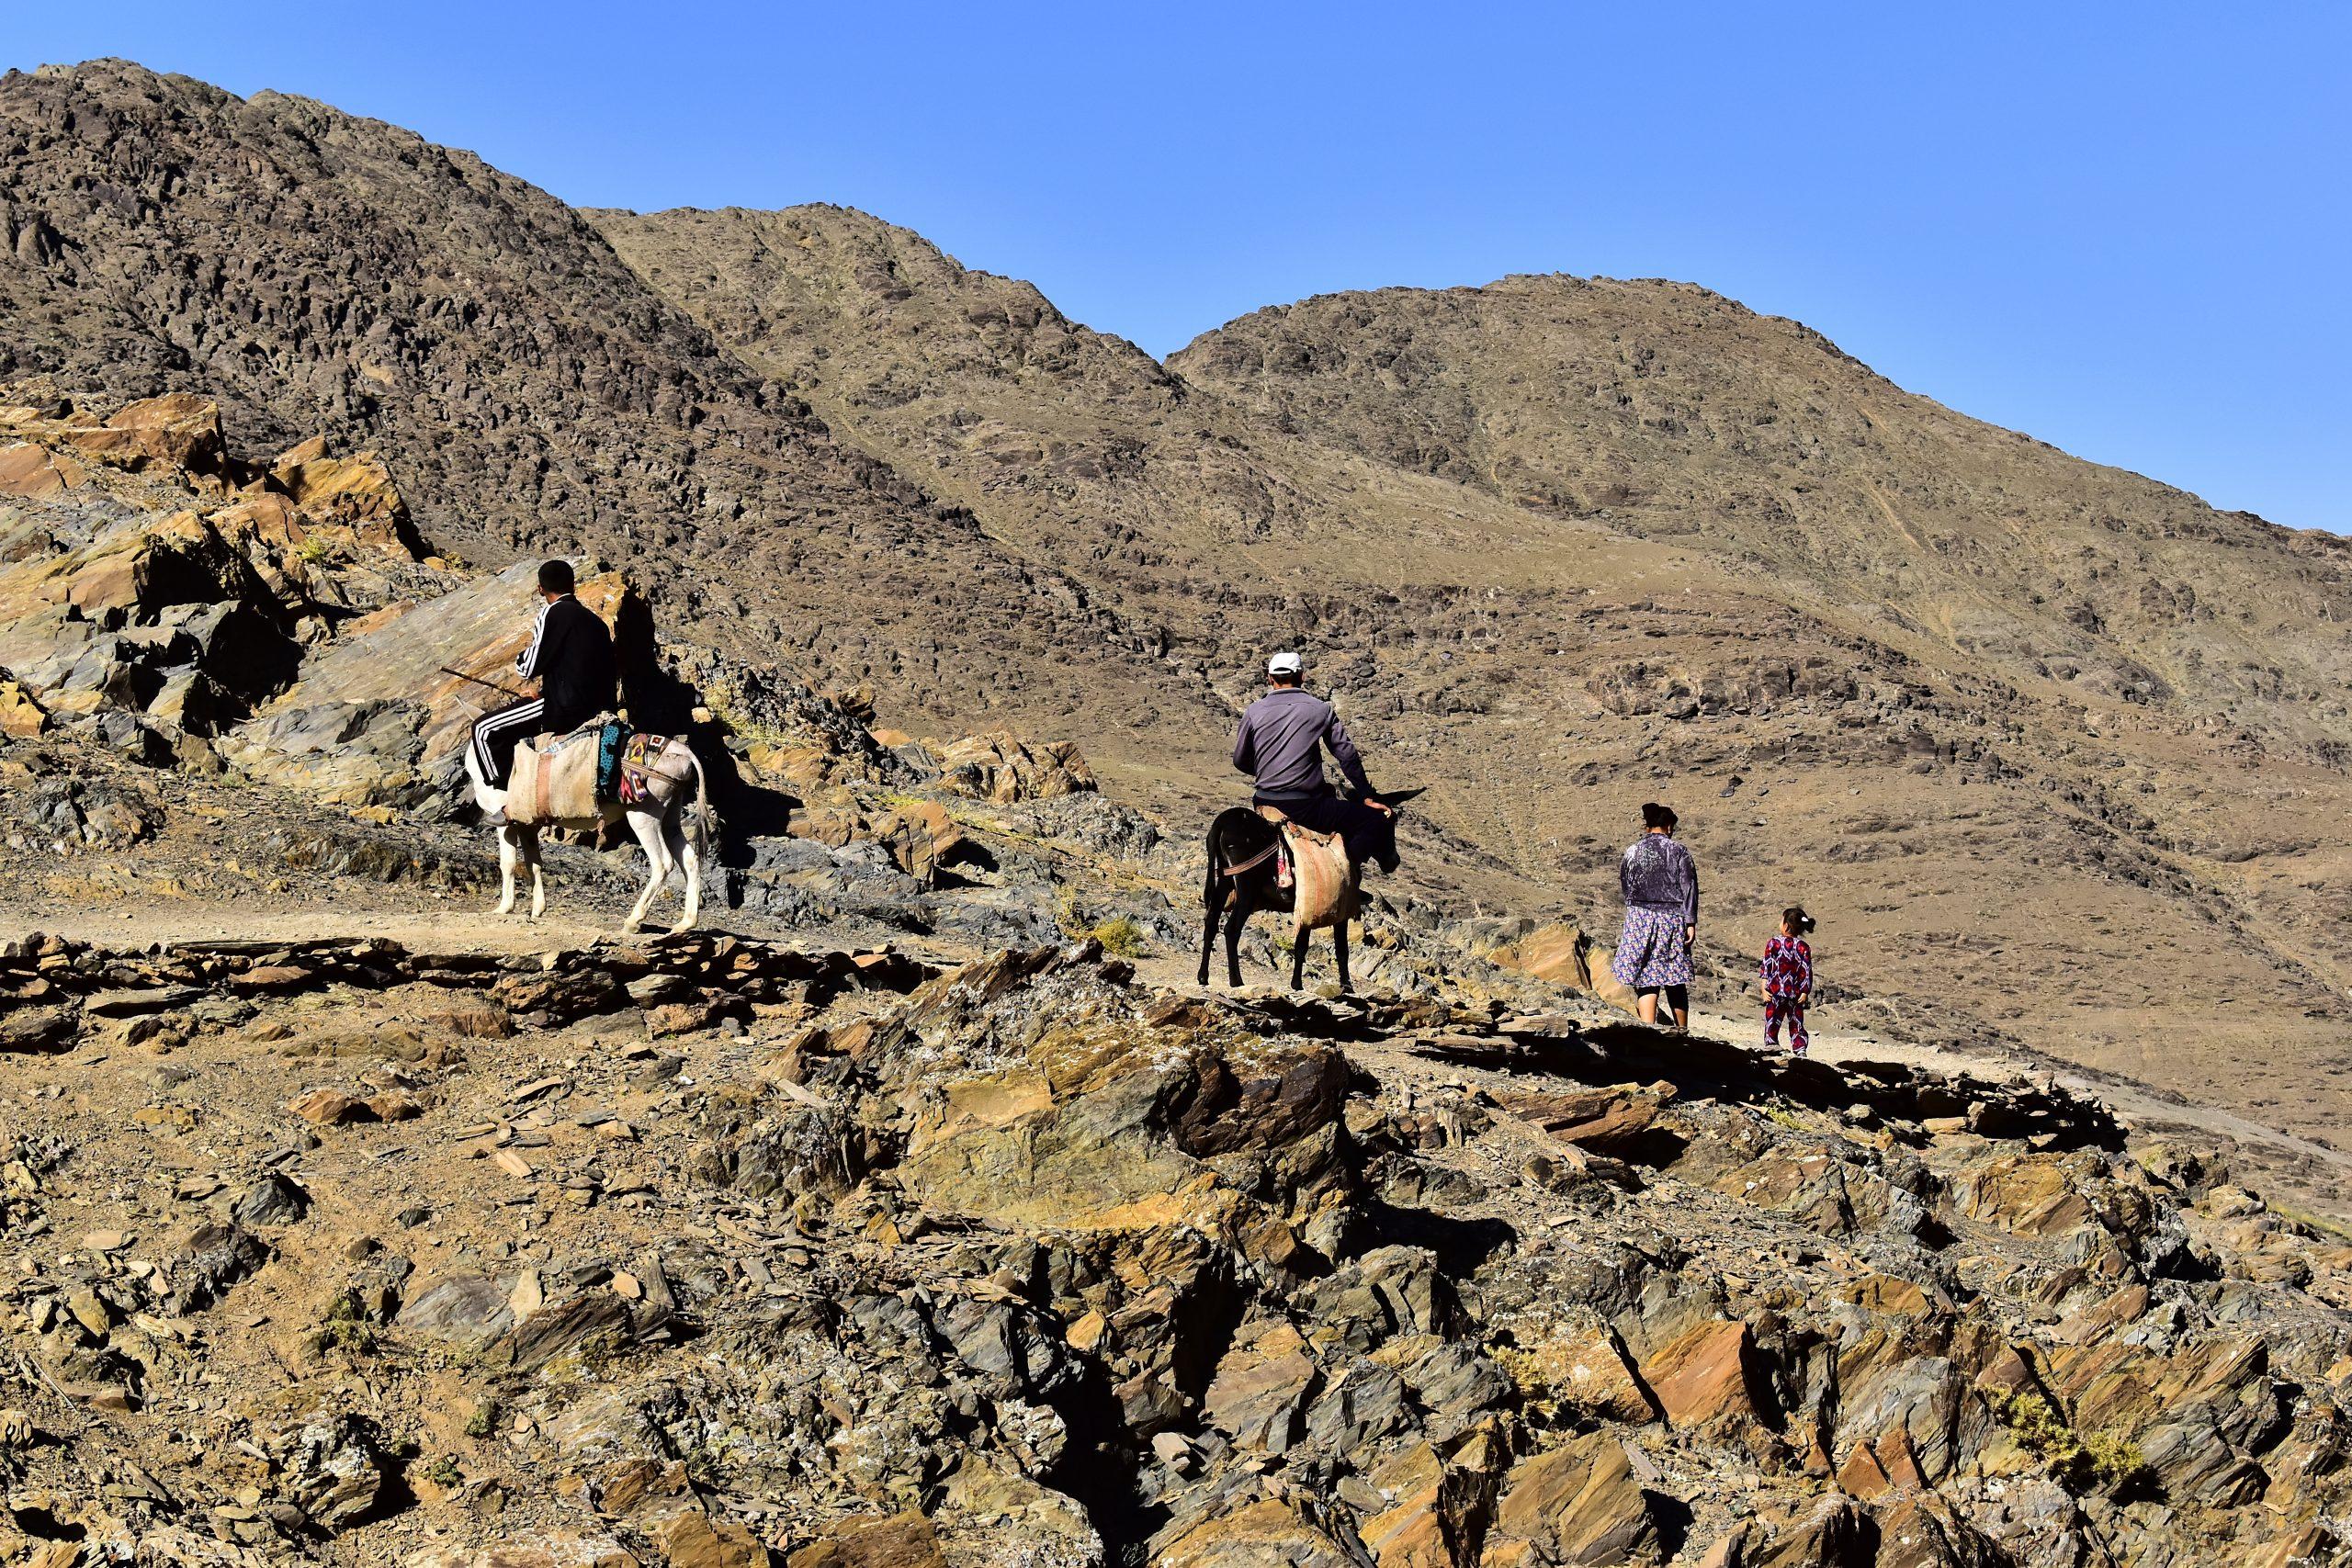 Héritage des cavaliers nomades sur la route de la soie